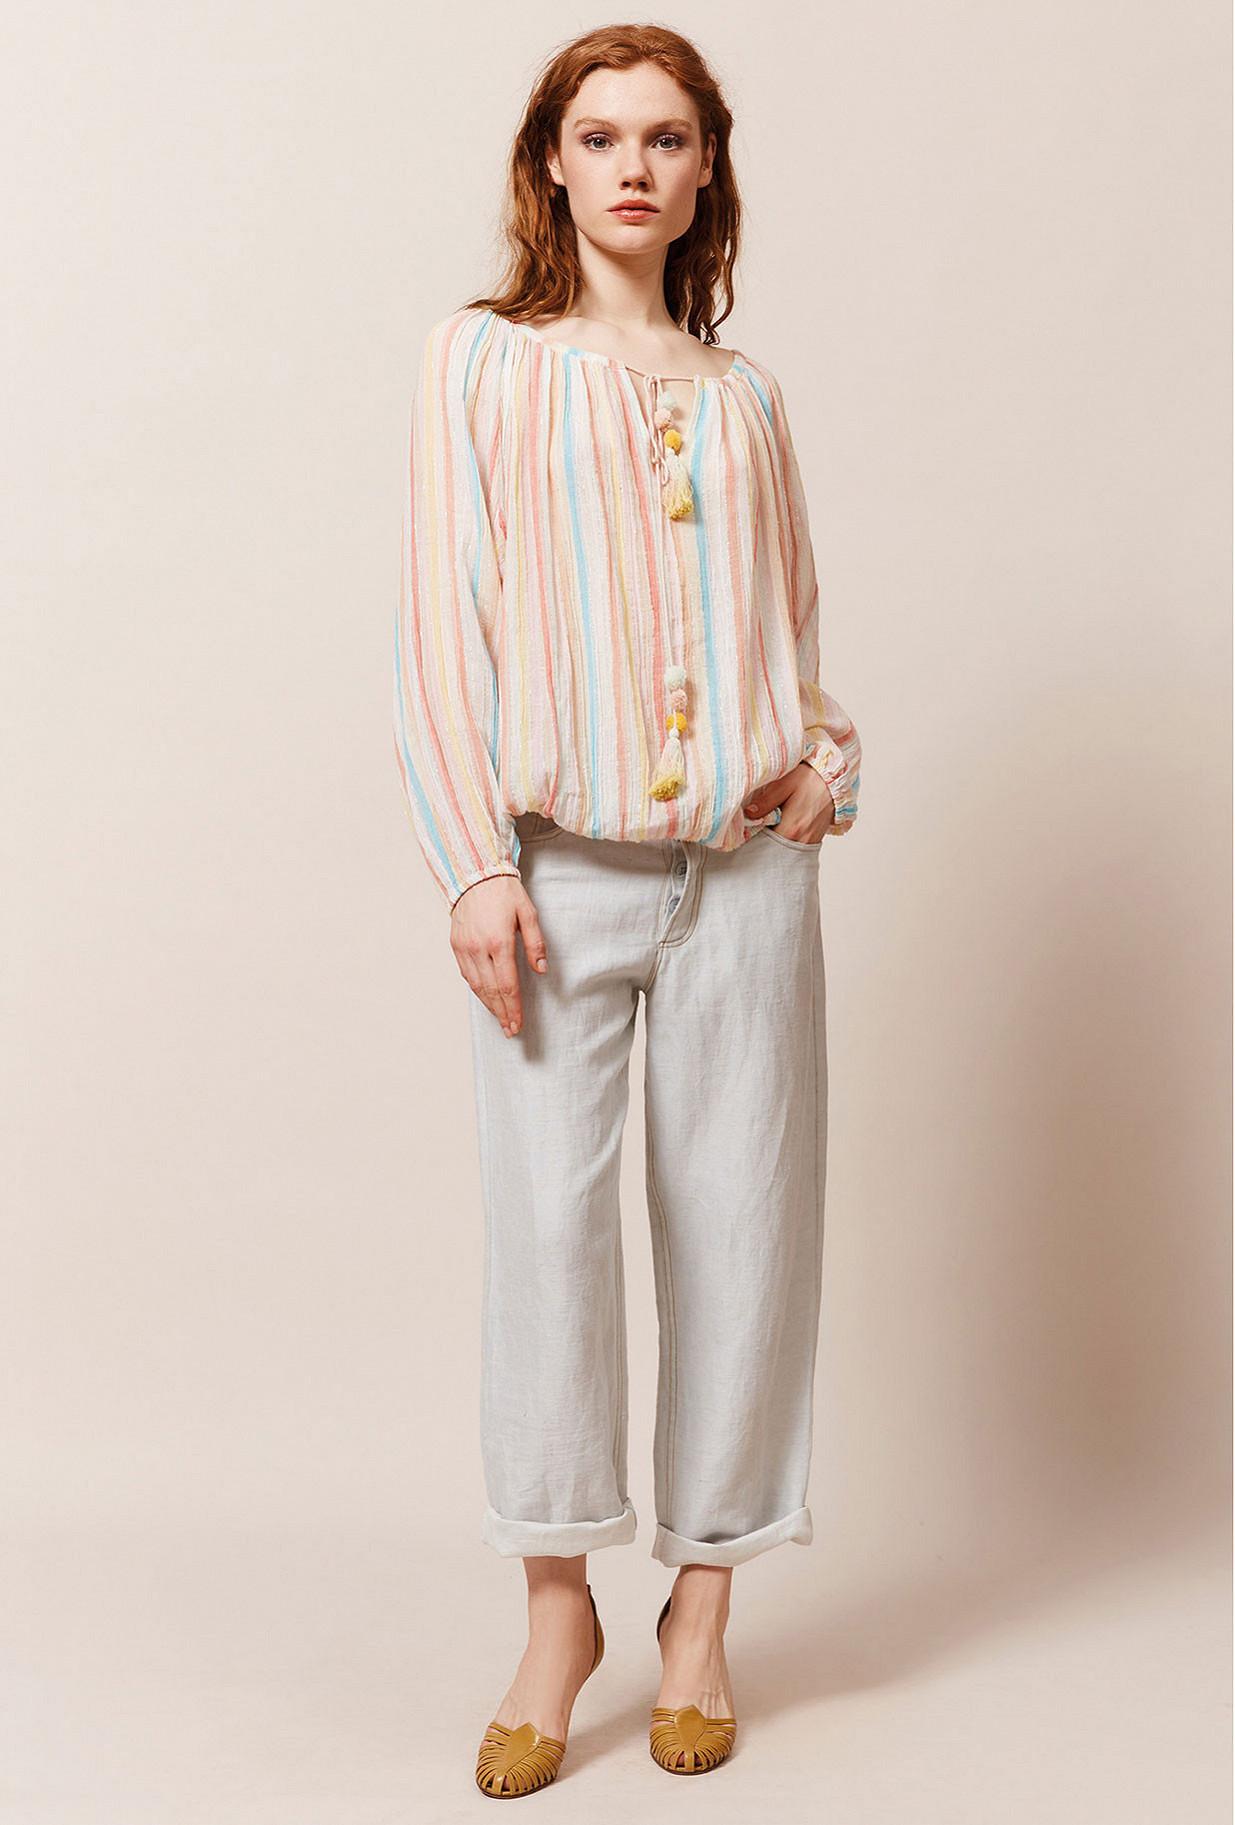 Paris boutique de mode vêtement Blouse créateur bohème  Rosita